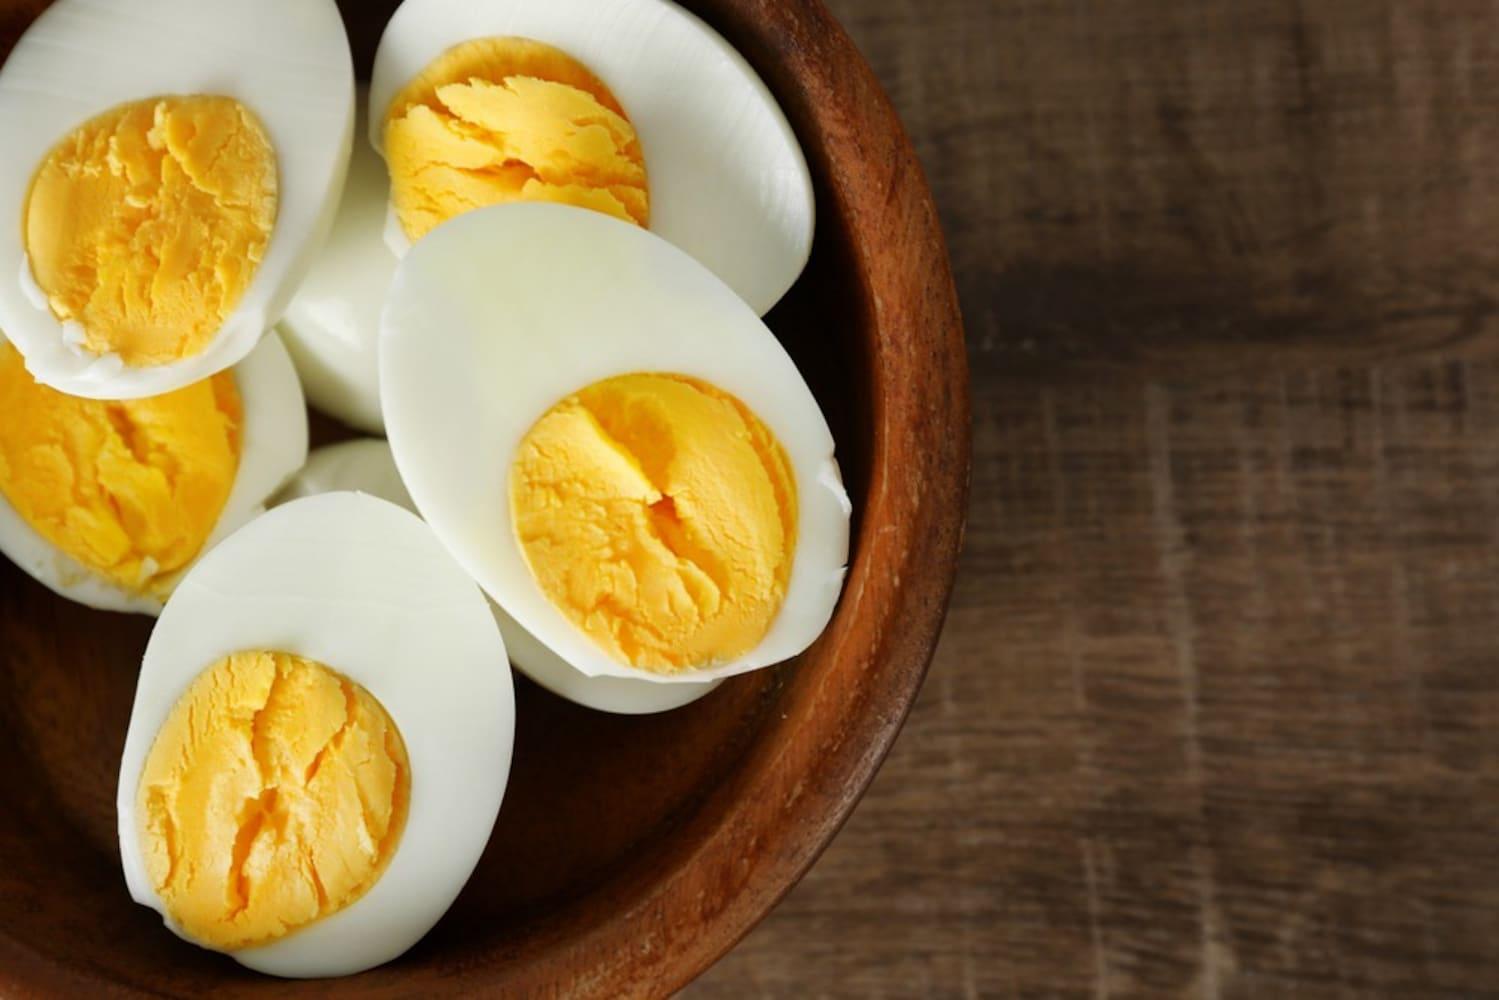 ゆで卵メーカーってなに?